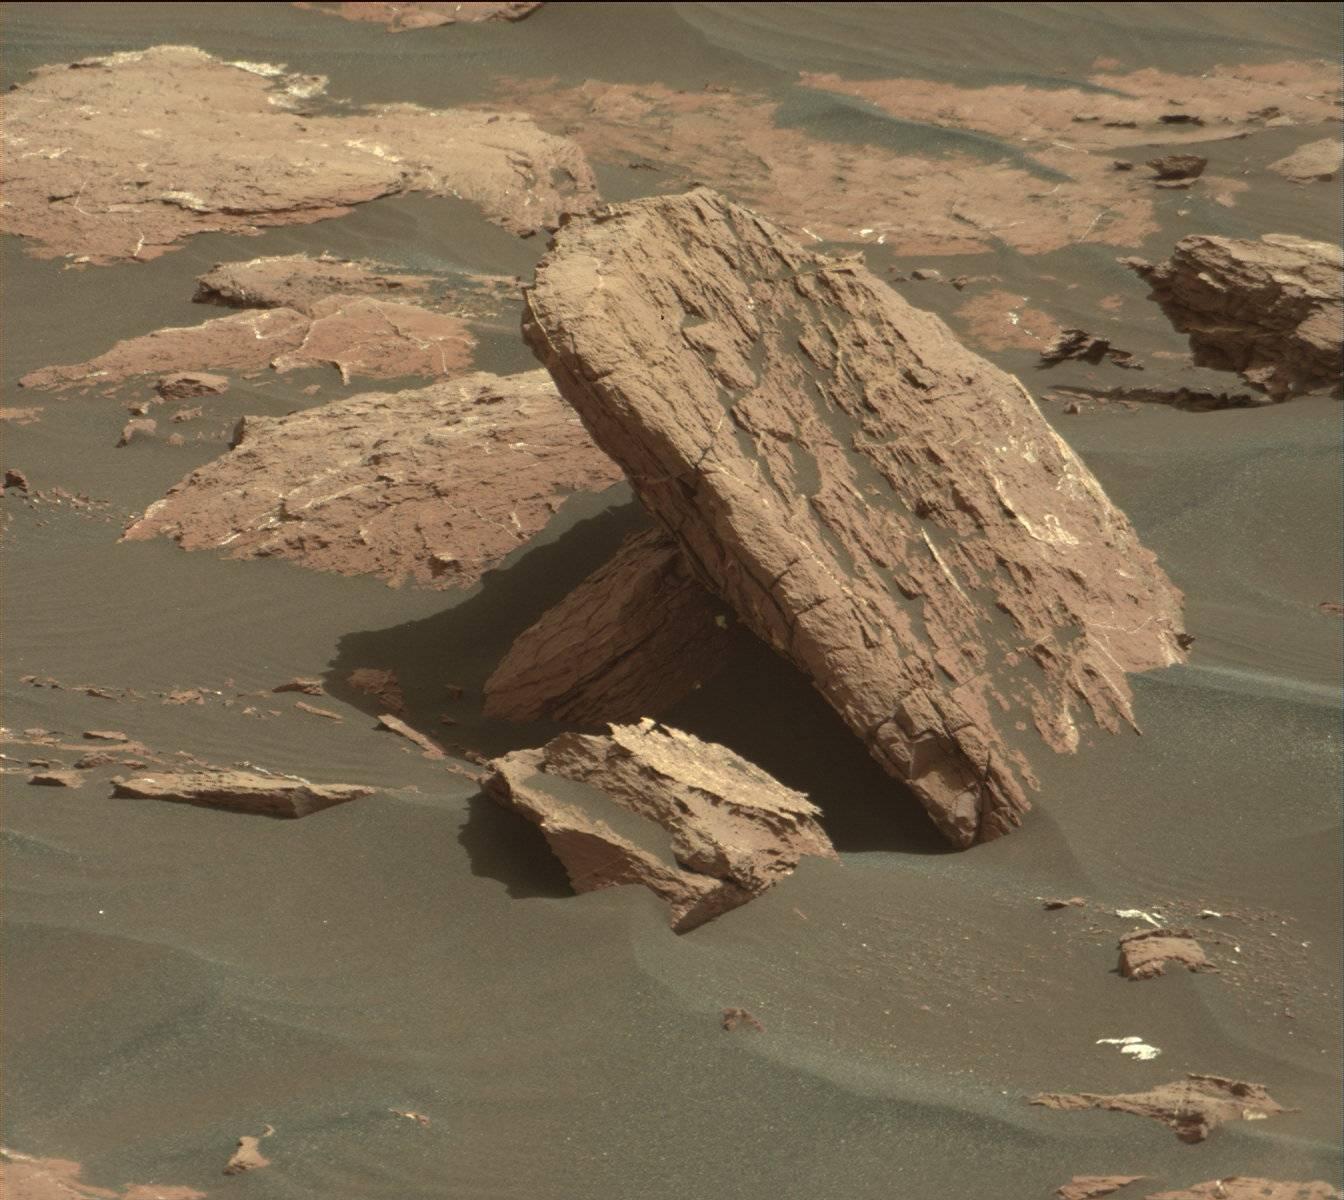 mars rover 2017 new pics - photo #37